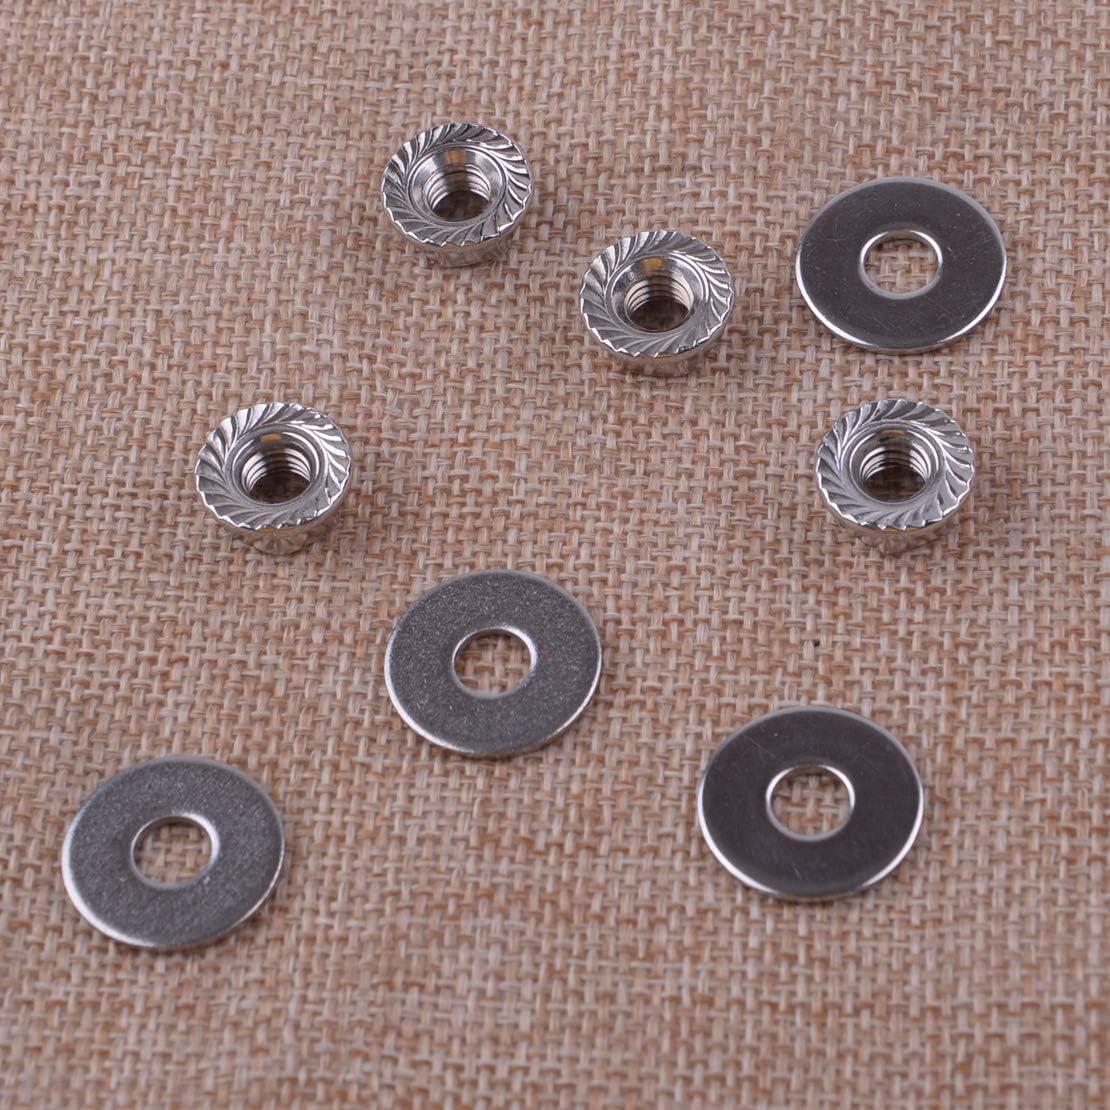 CITALL 100mm 55mm schwarzer Auto-Druckknopf-Schnellverschluss-Hauben-Hauben-Twist-Lock-Klickverschluss